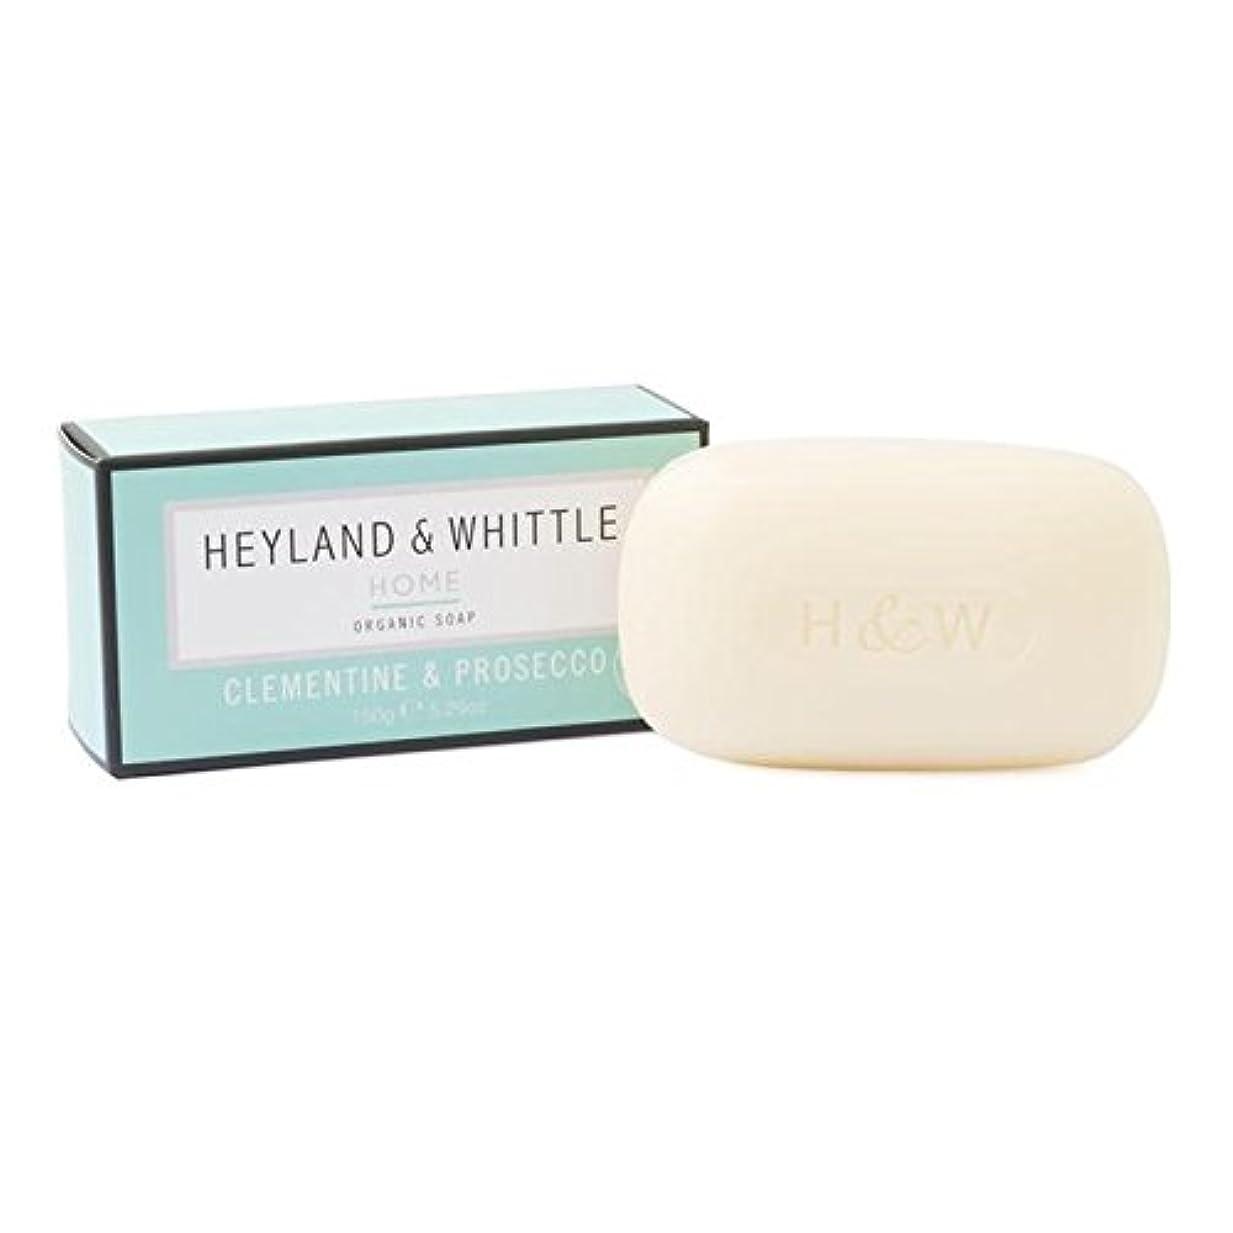 第ベジタリアンすべき&削るホームクレメンタイン&プロセッコ有機石鹸150グラム x2 - Heyland & Whittle Home Clementine & Prosecco Organic Soap 150g (Pack of 2) [並行輸入品]